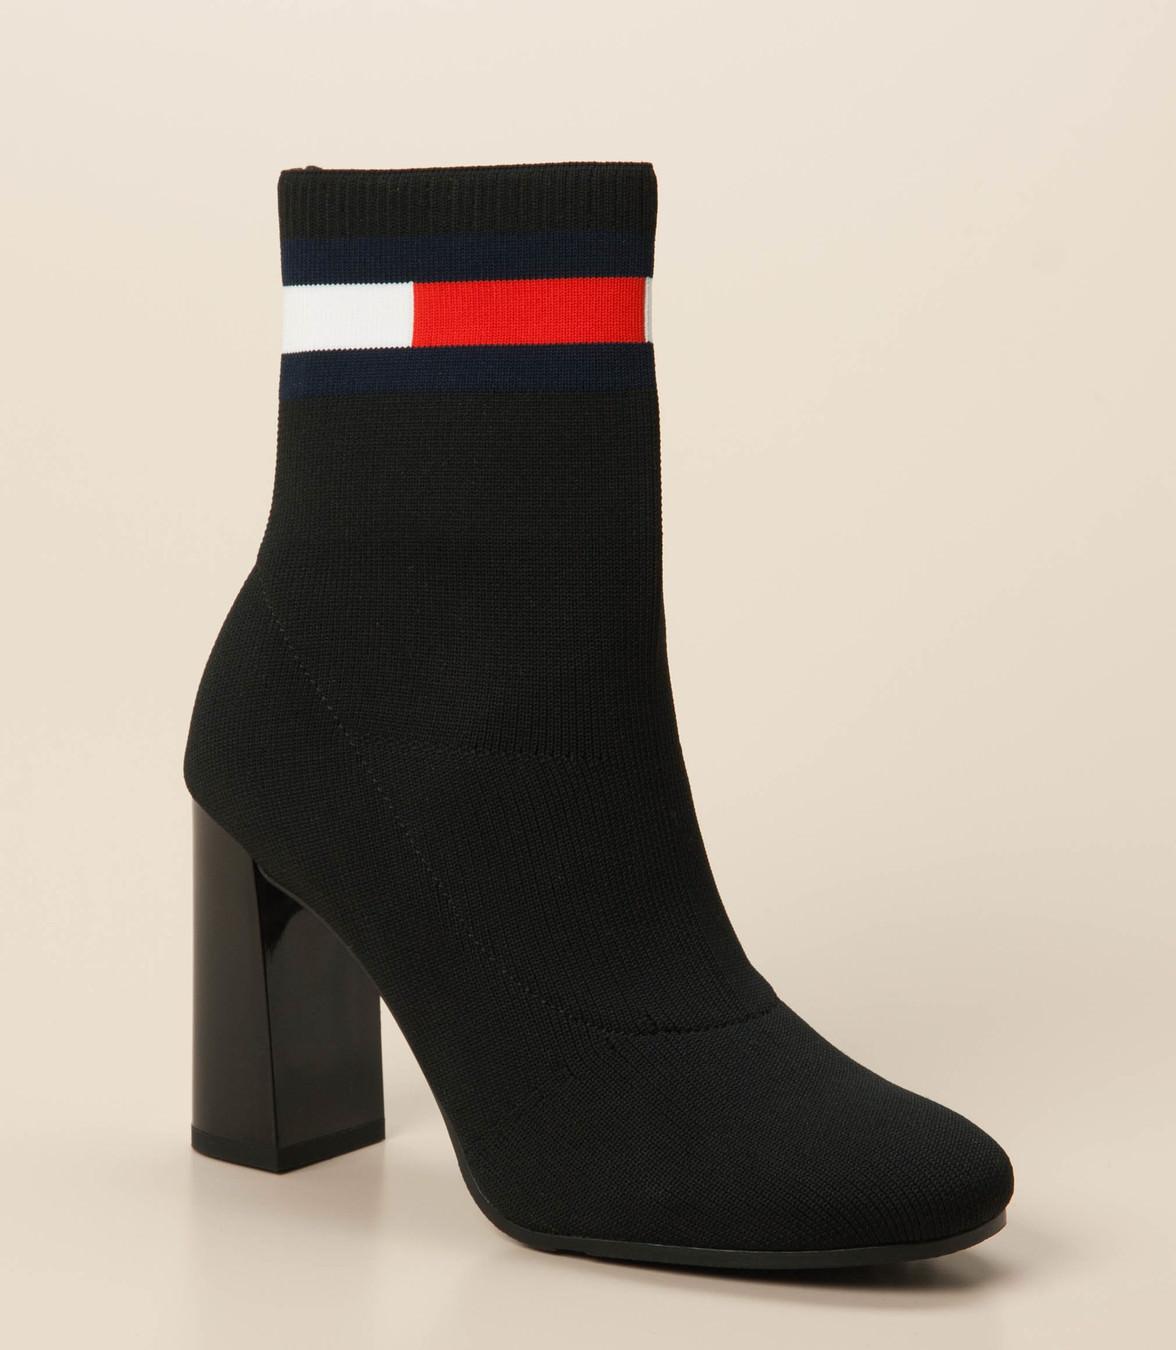 Bestbewertete Mode schön billig attraktive Mode Stiefelette